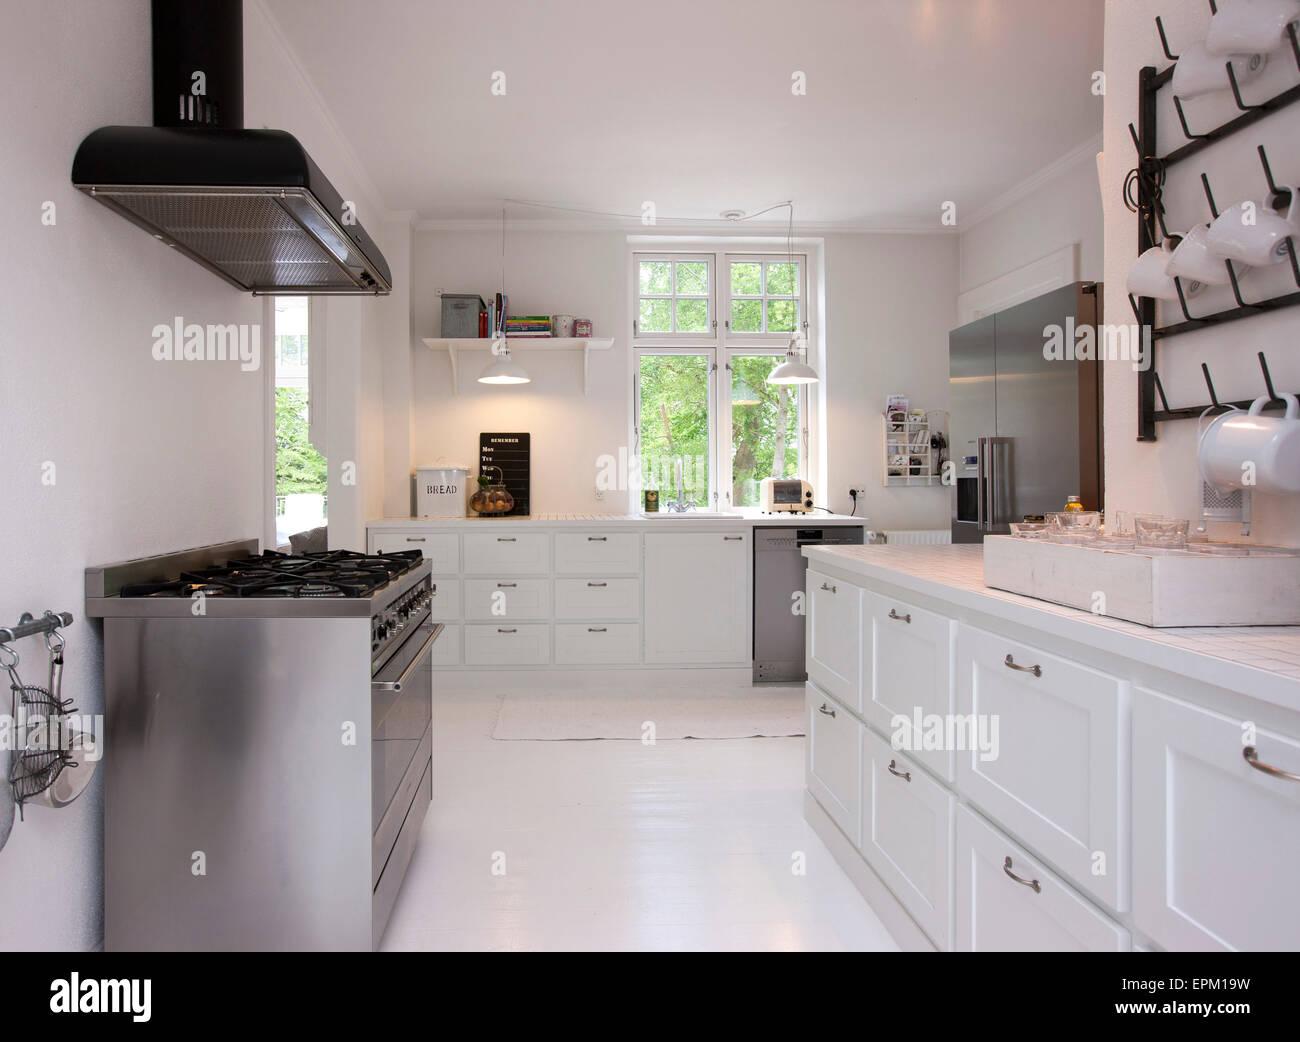 Weiße Küche mit Edelstahl-Herd im Renovierungs Hanne Davidsen, Silkesborg, Dänemark. Stockbild